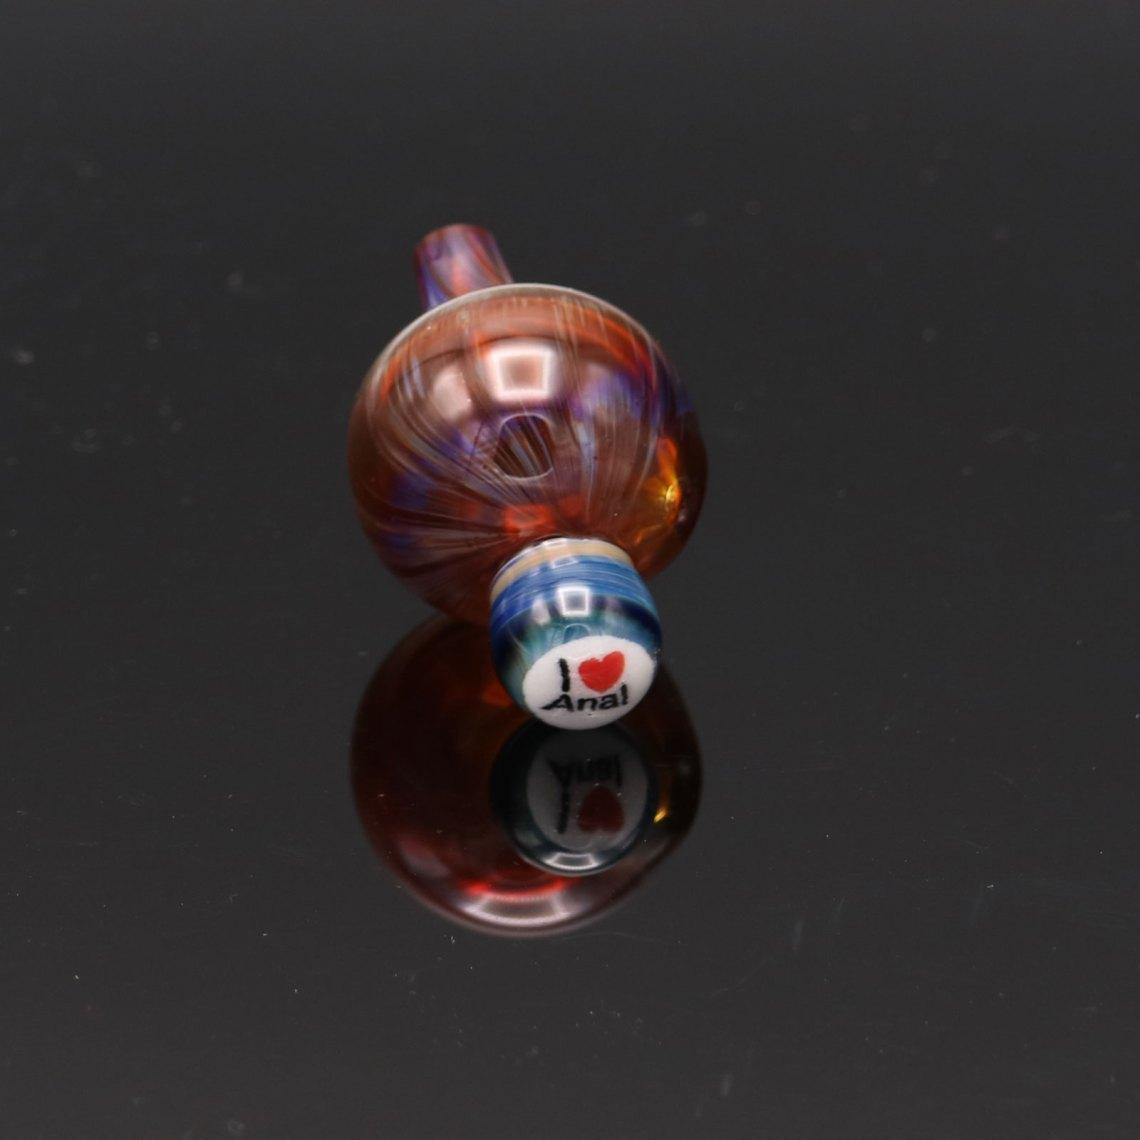 Firefox Glass – I Heart Anal Bubblecap 2